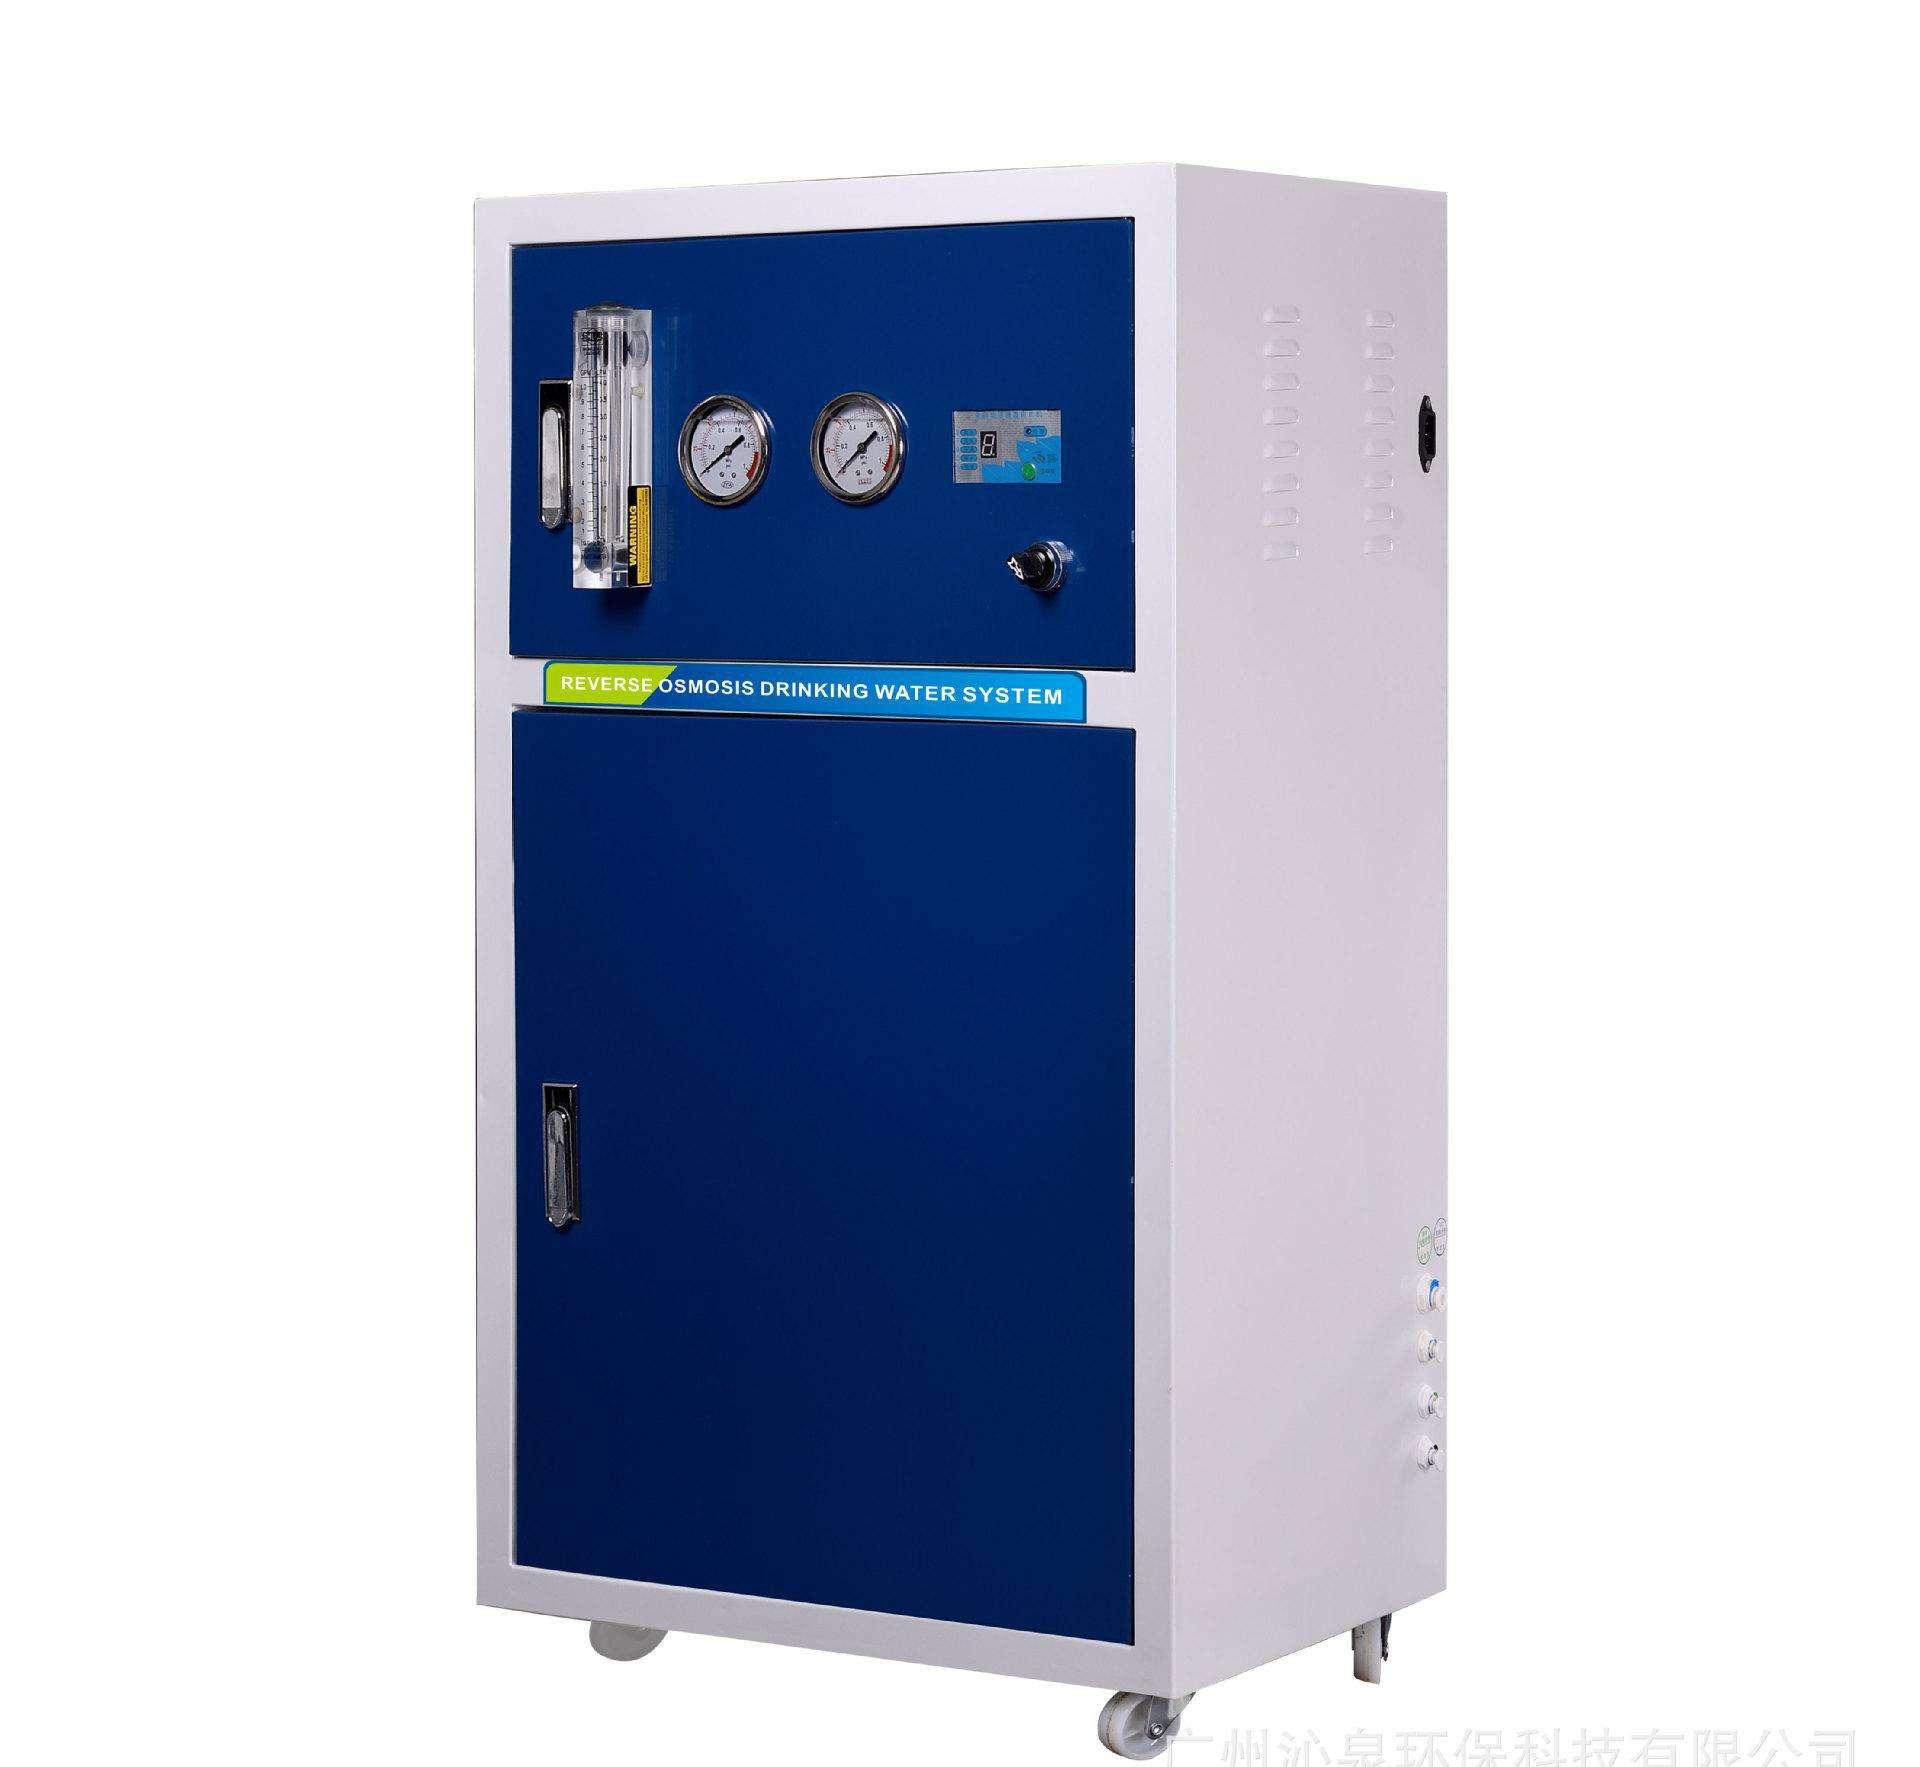 泉润环保_质量好的商用净水设备提供商,商用净�水设备销售商